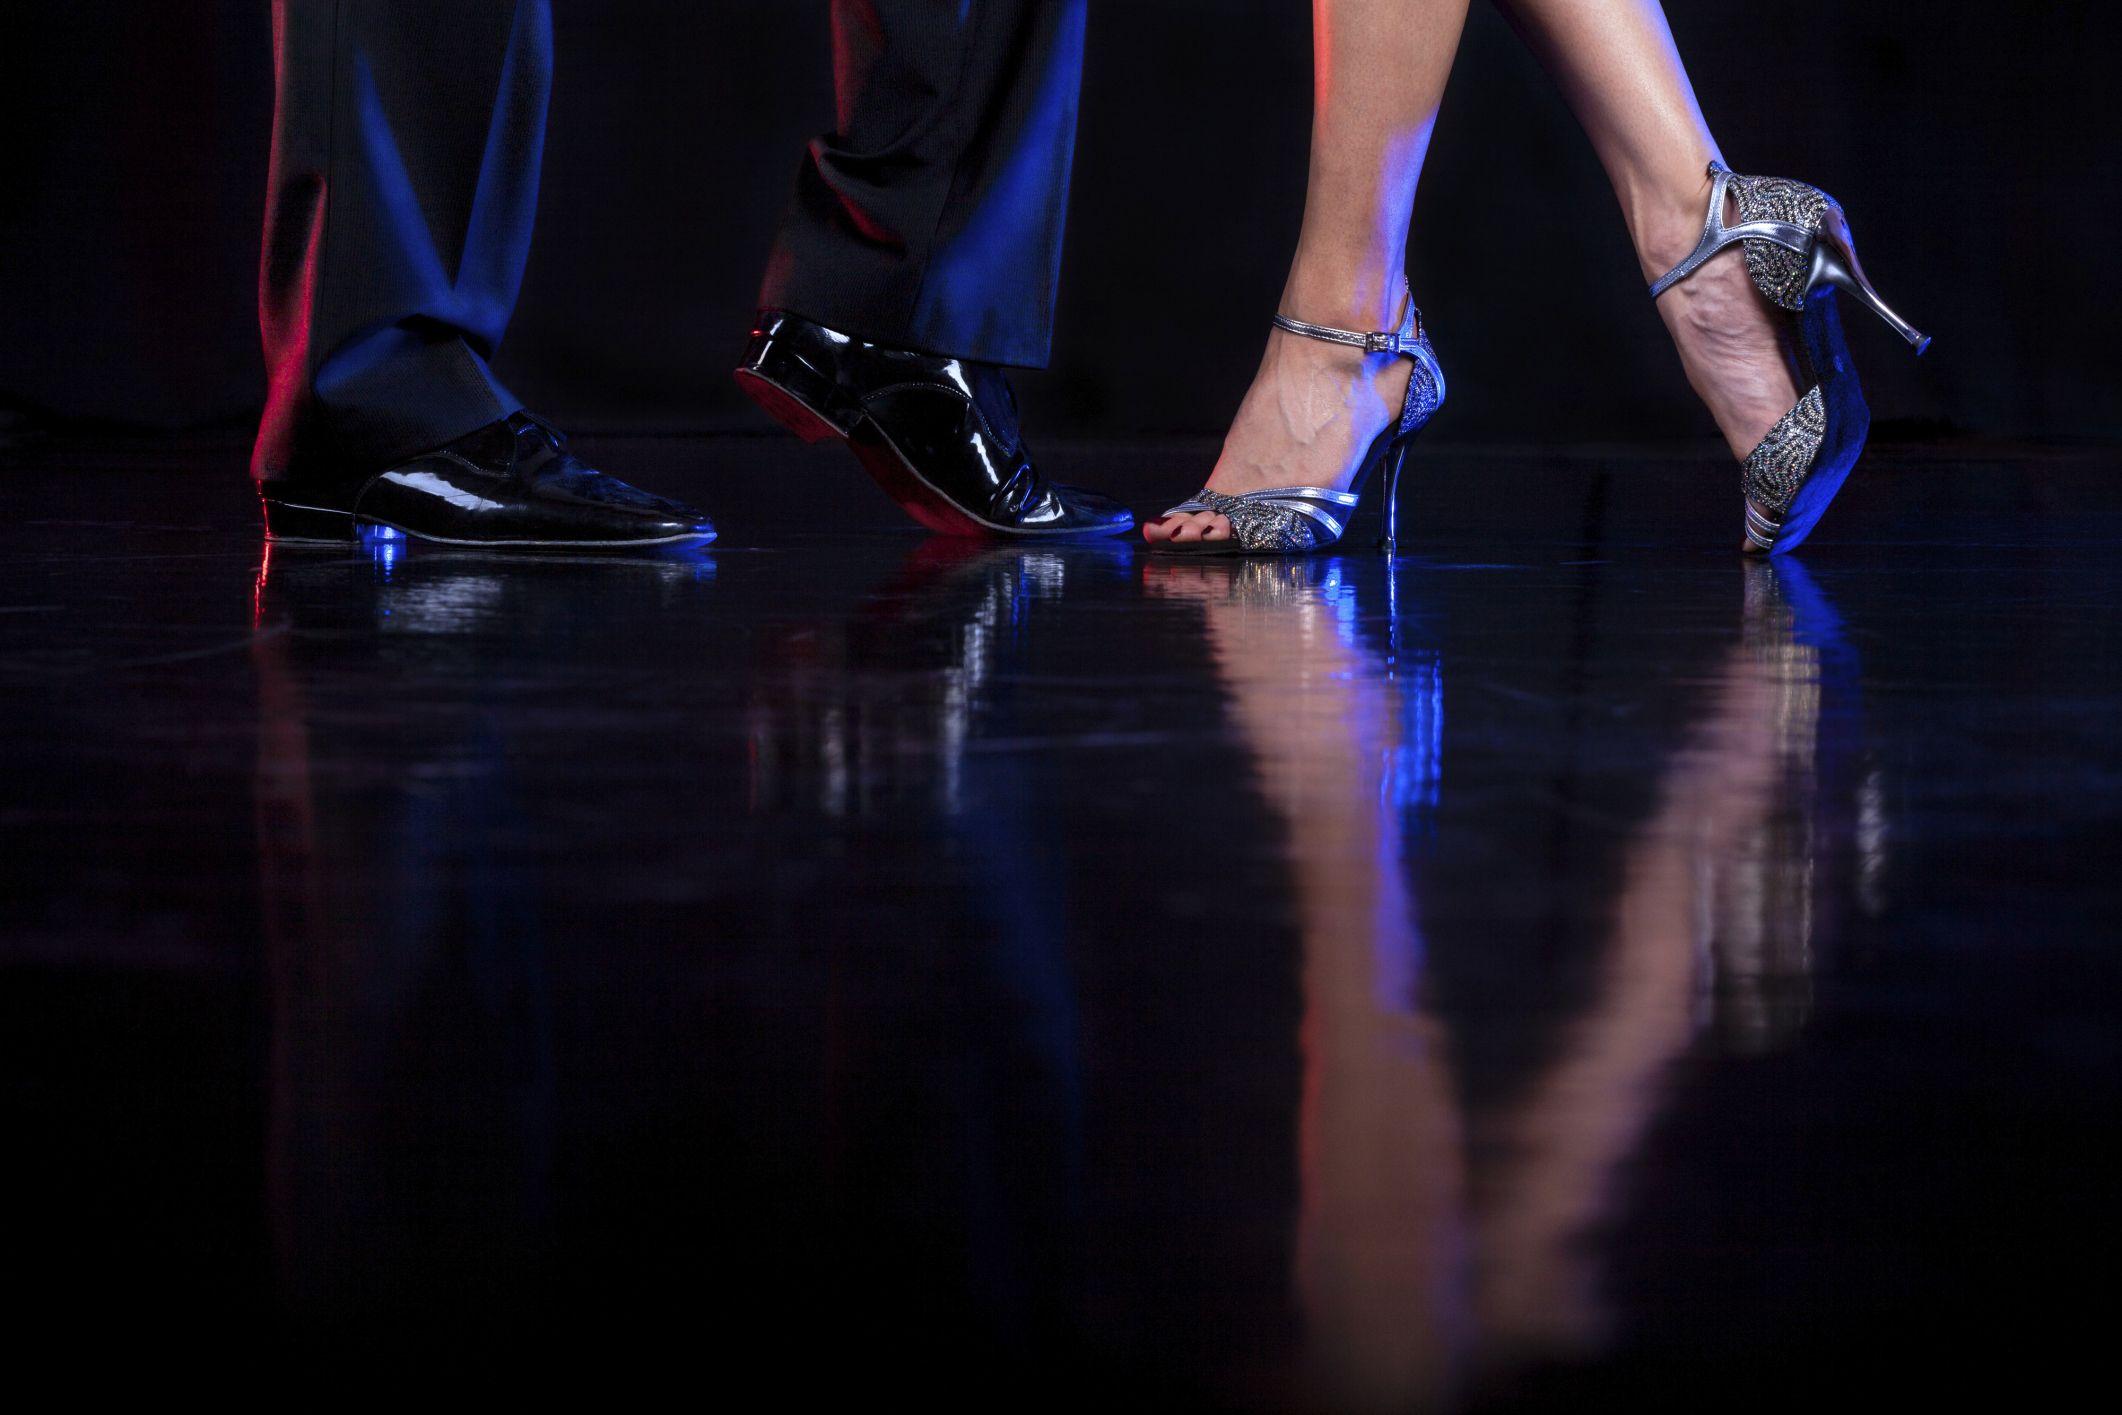 Bailar, ¿una profesión o una afición?